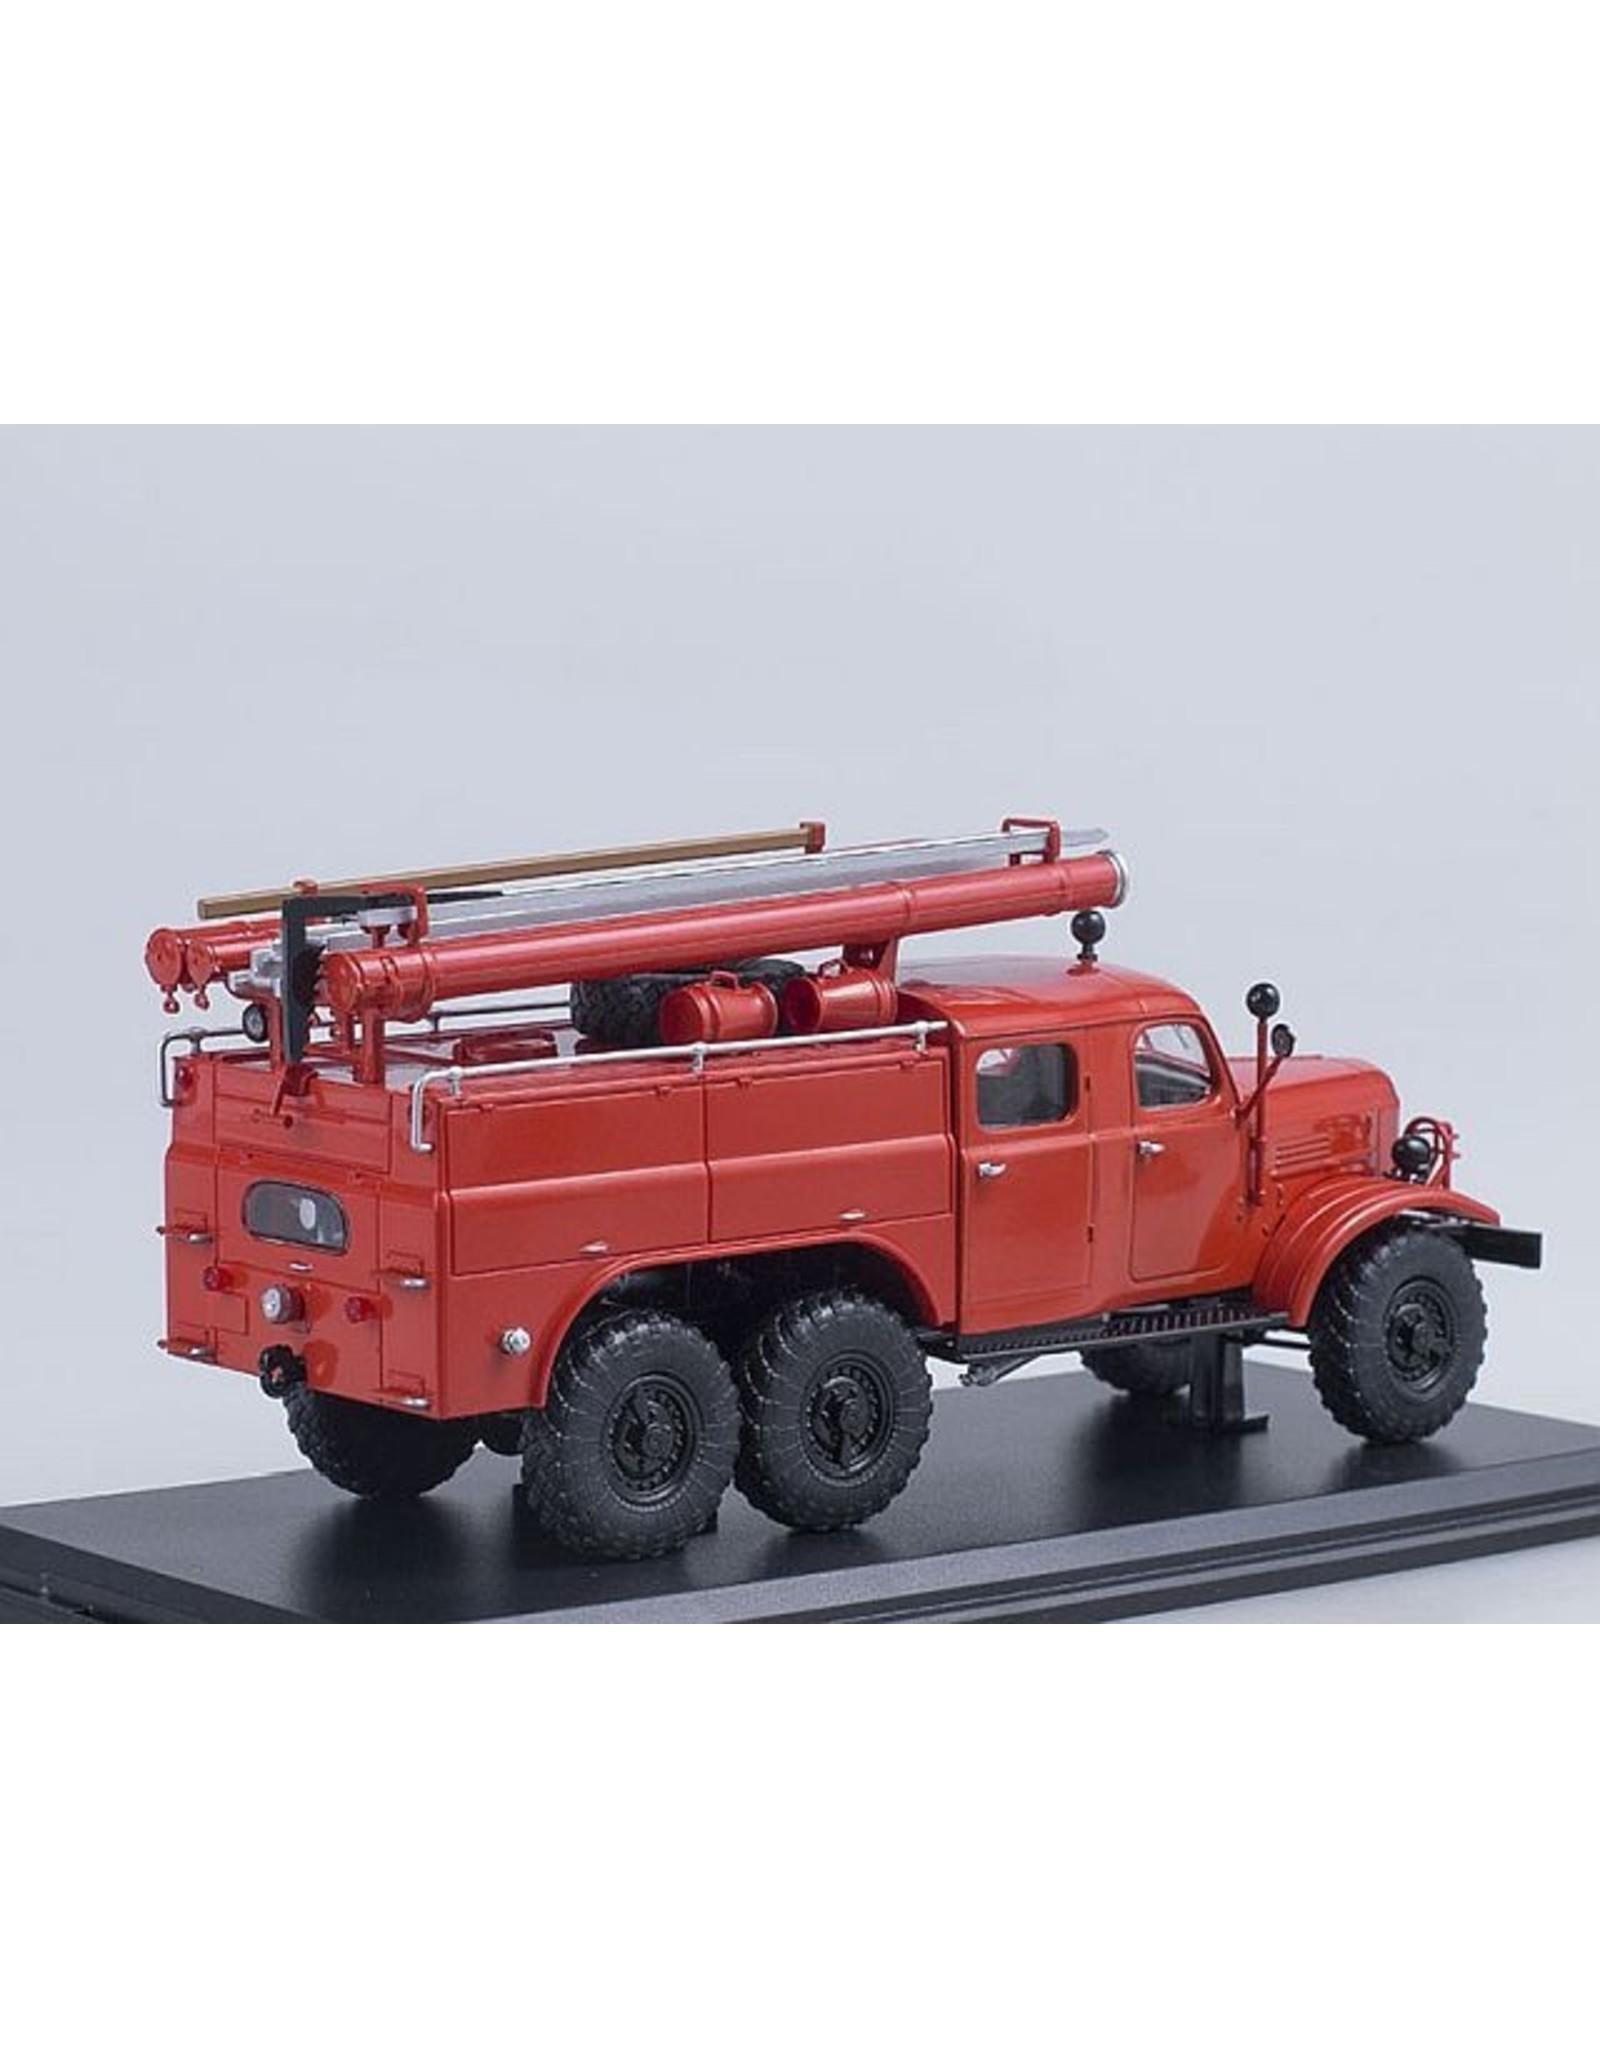 ZiL FIRE TRUCK PMZ-27(ZiL-157K)